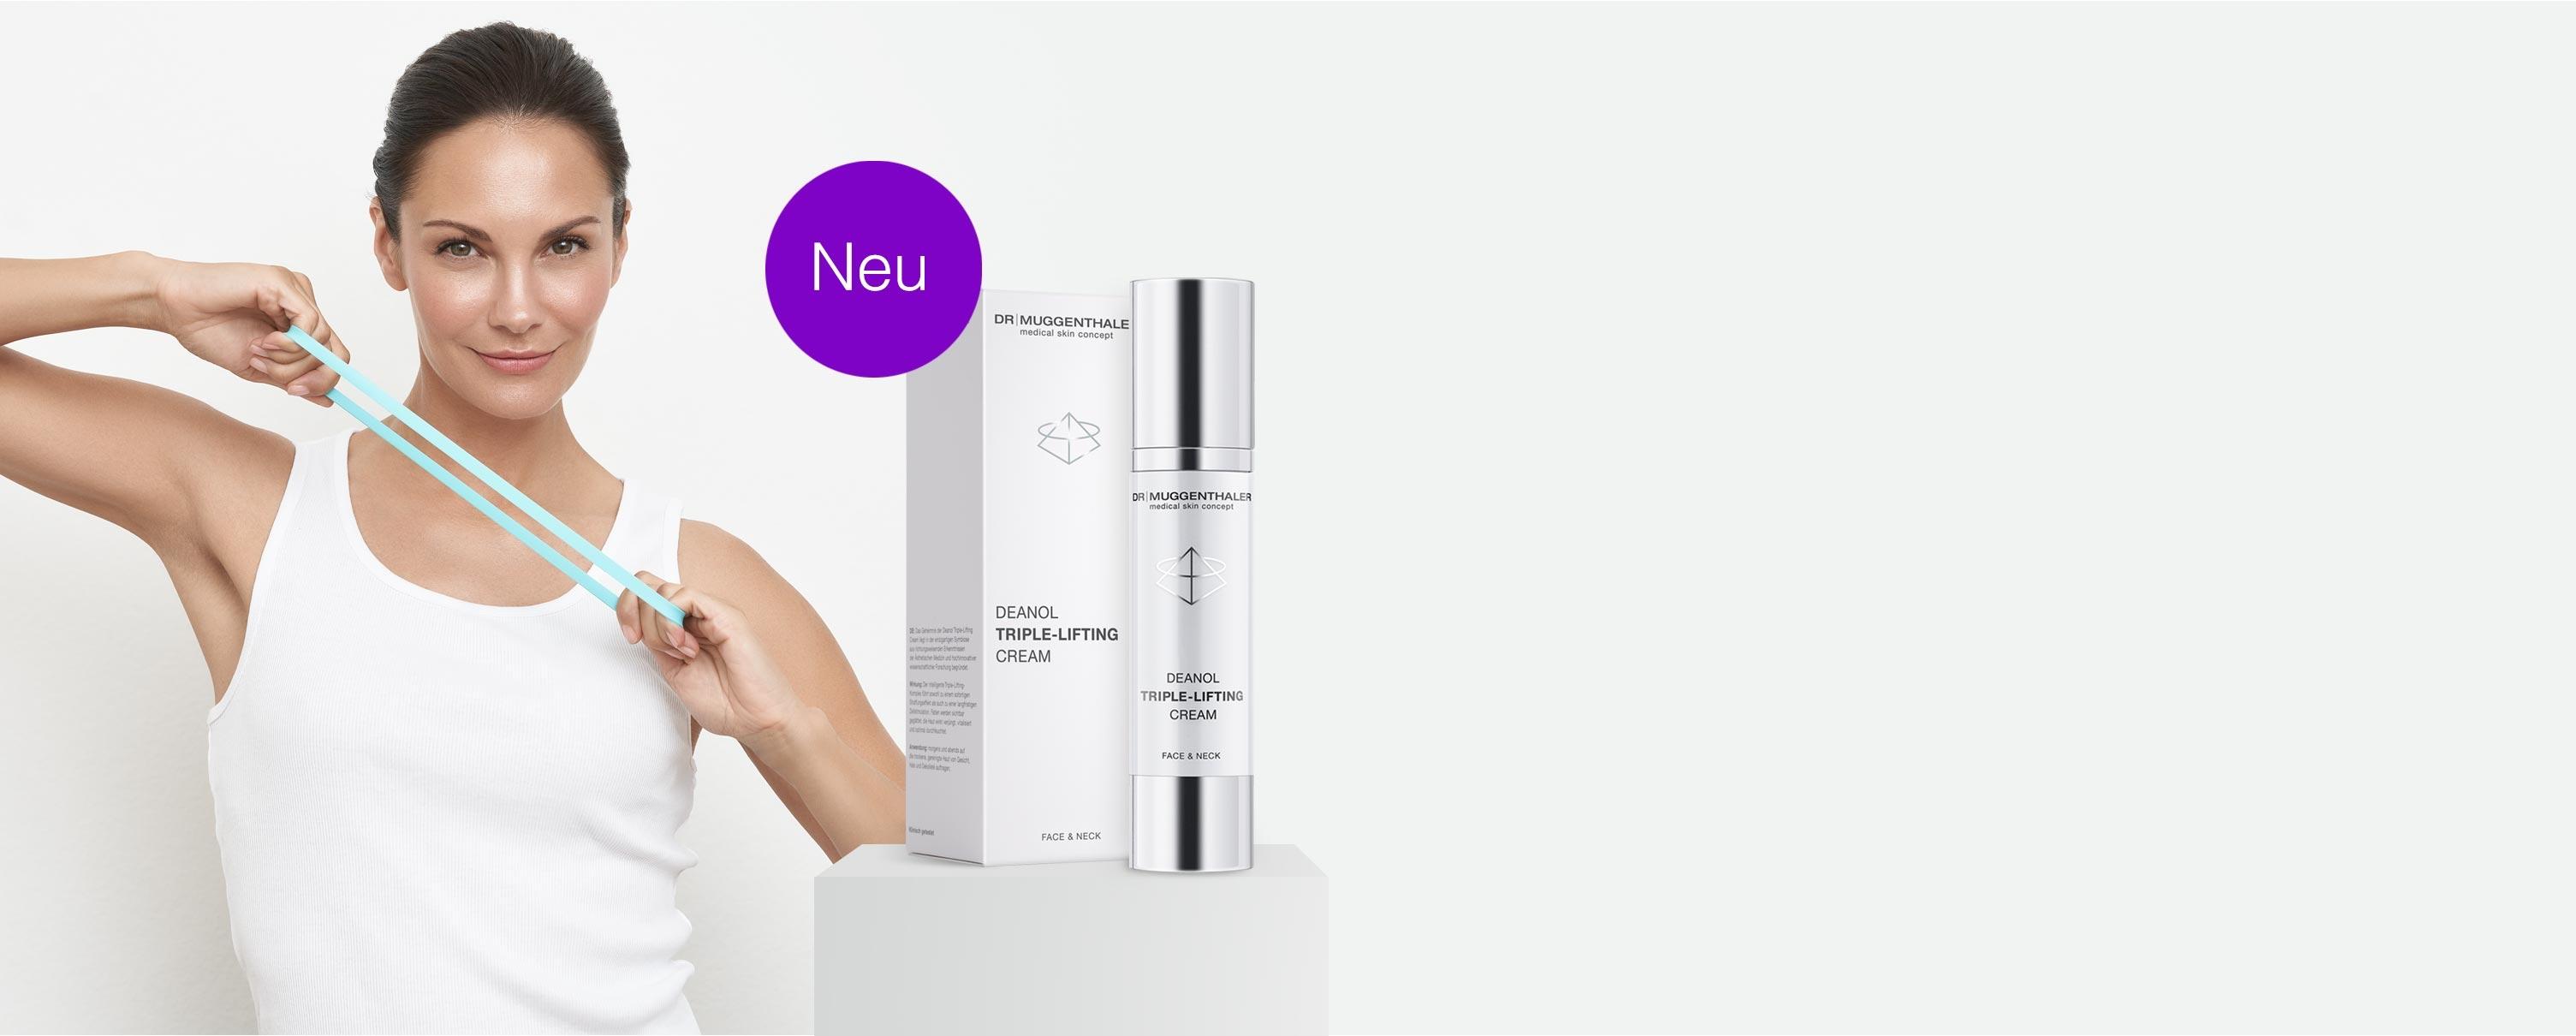 Die neue Deanol Triple-Lifting Cream von Dr. Muggenthaler